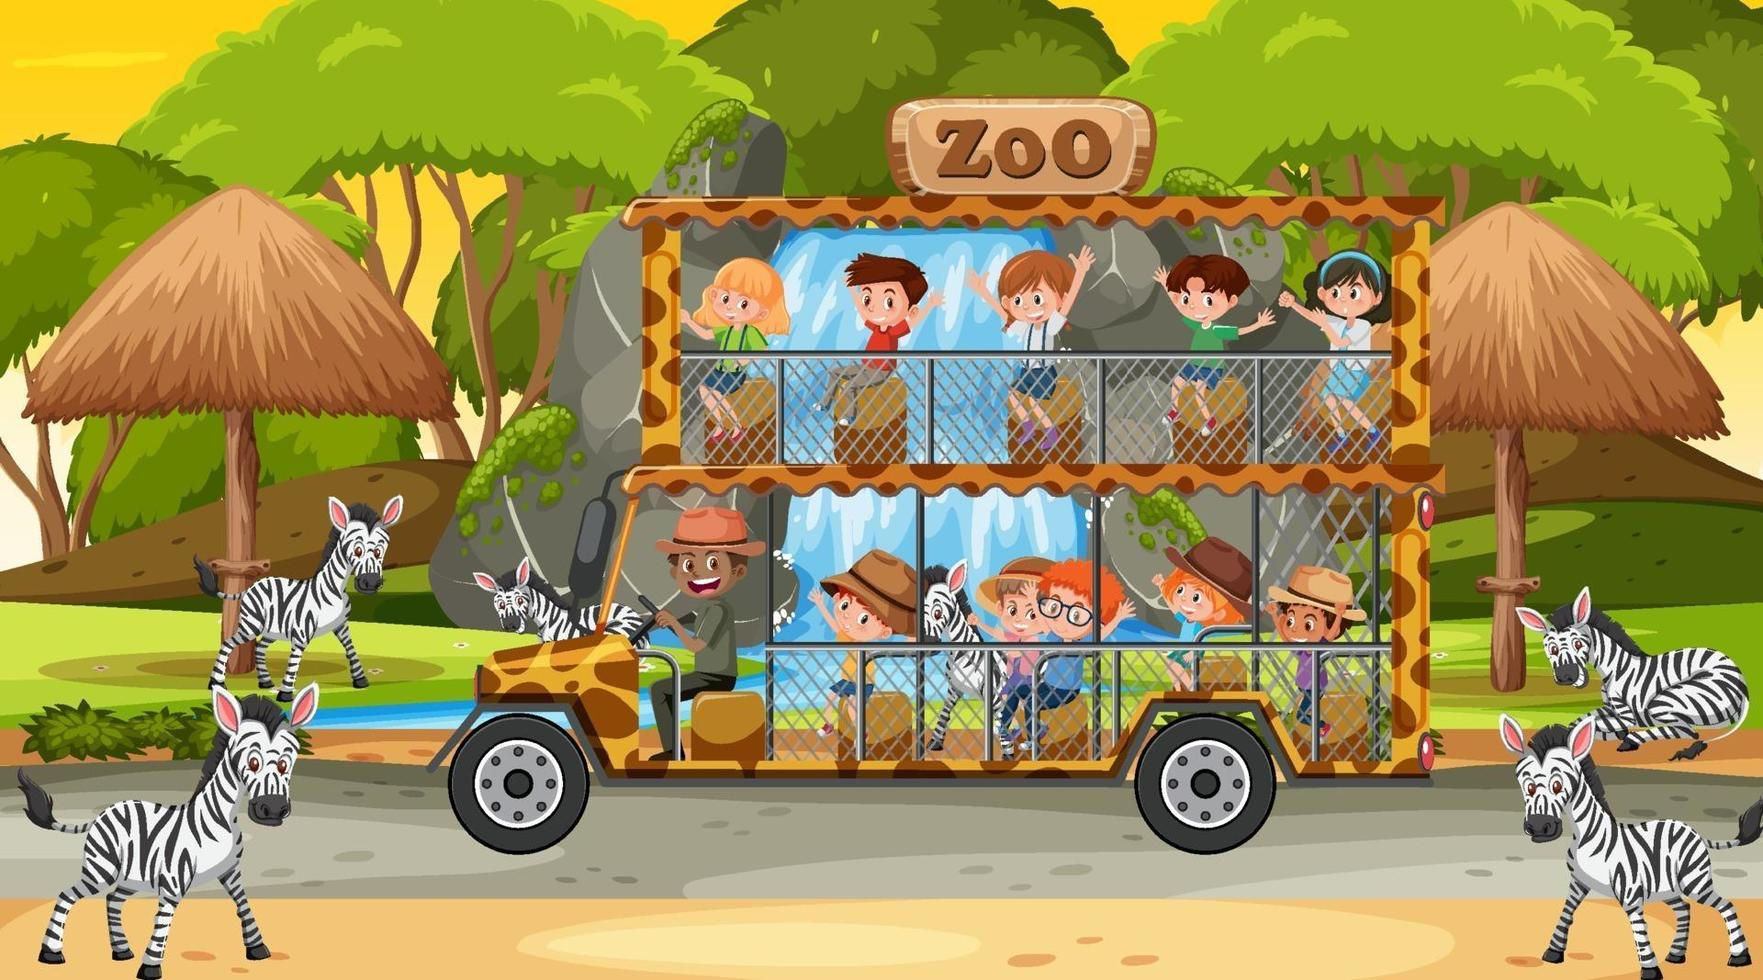 safari alla scena del tramonto con bambini che guardano il gruppo di zebre vettore